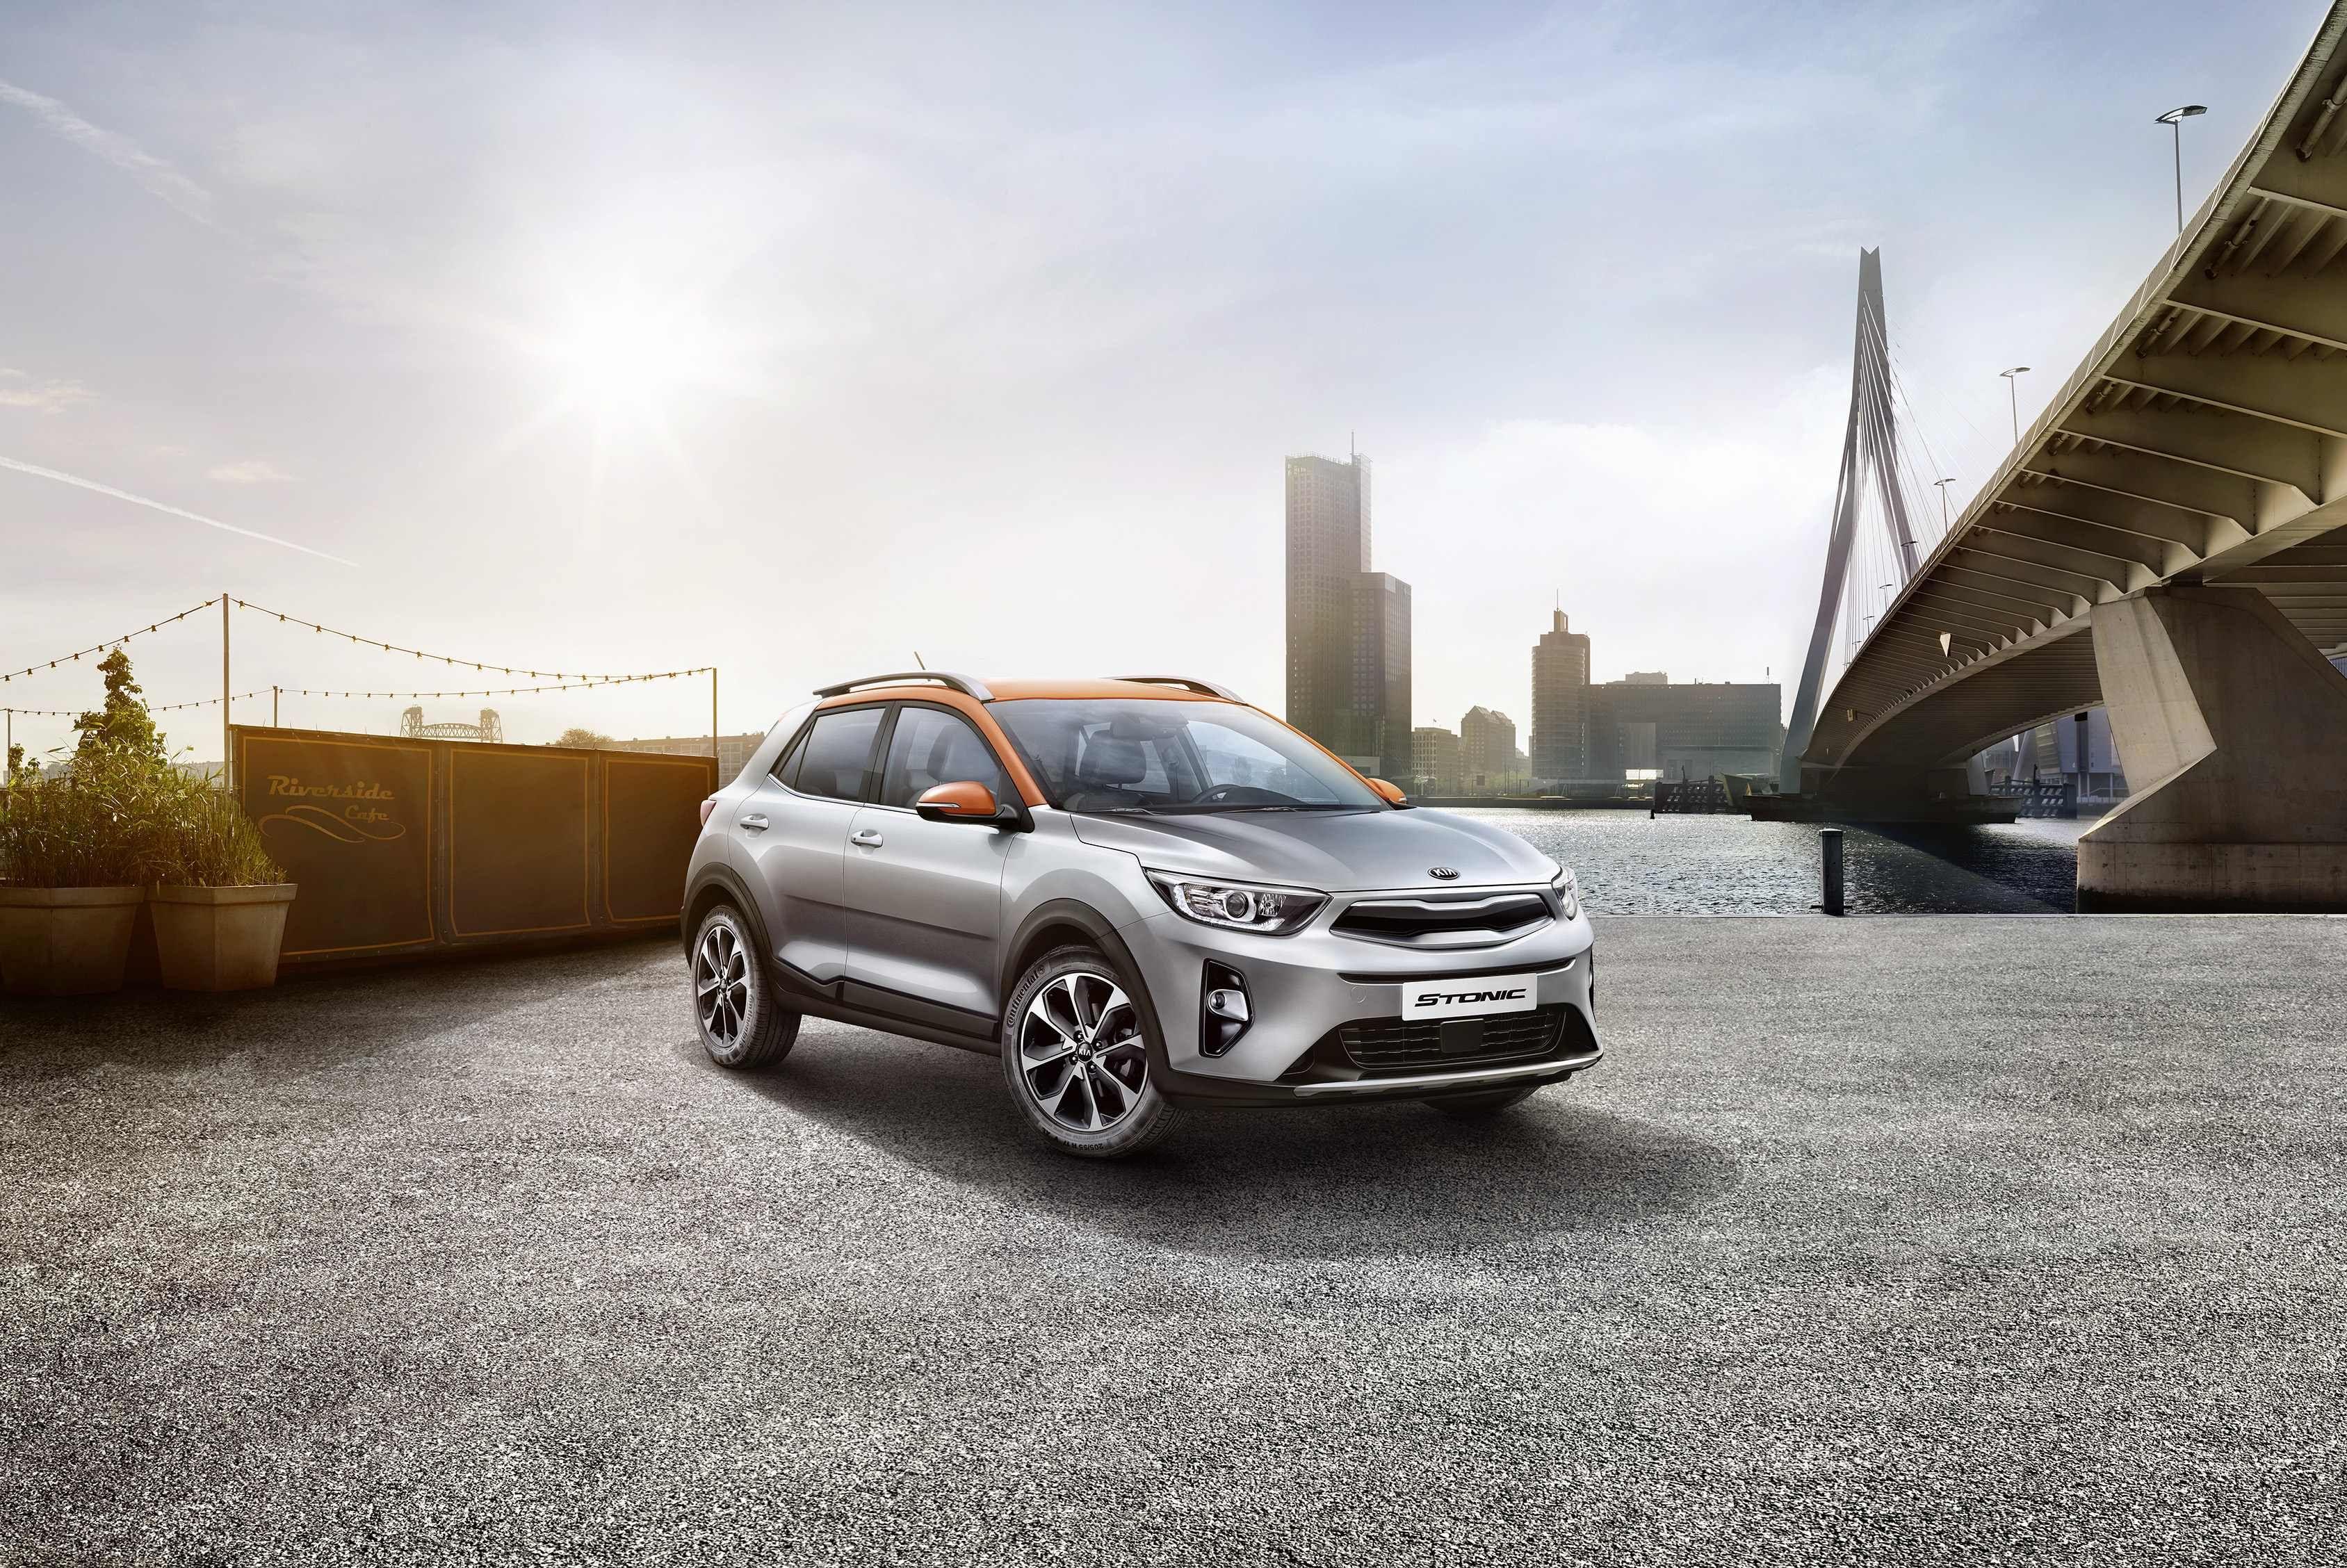 Nuevo Kia Stonic: un crossover compacto atractivo y seguro de sí mismo